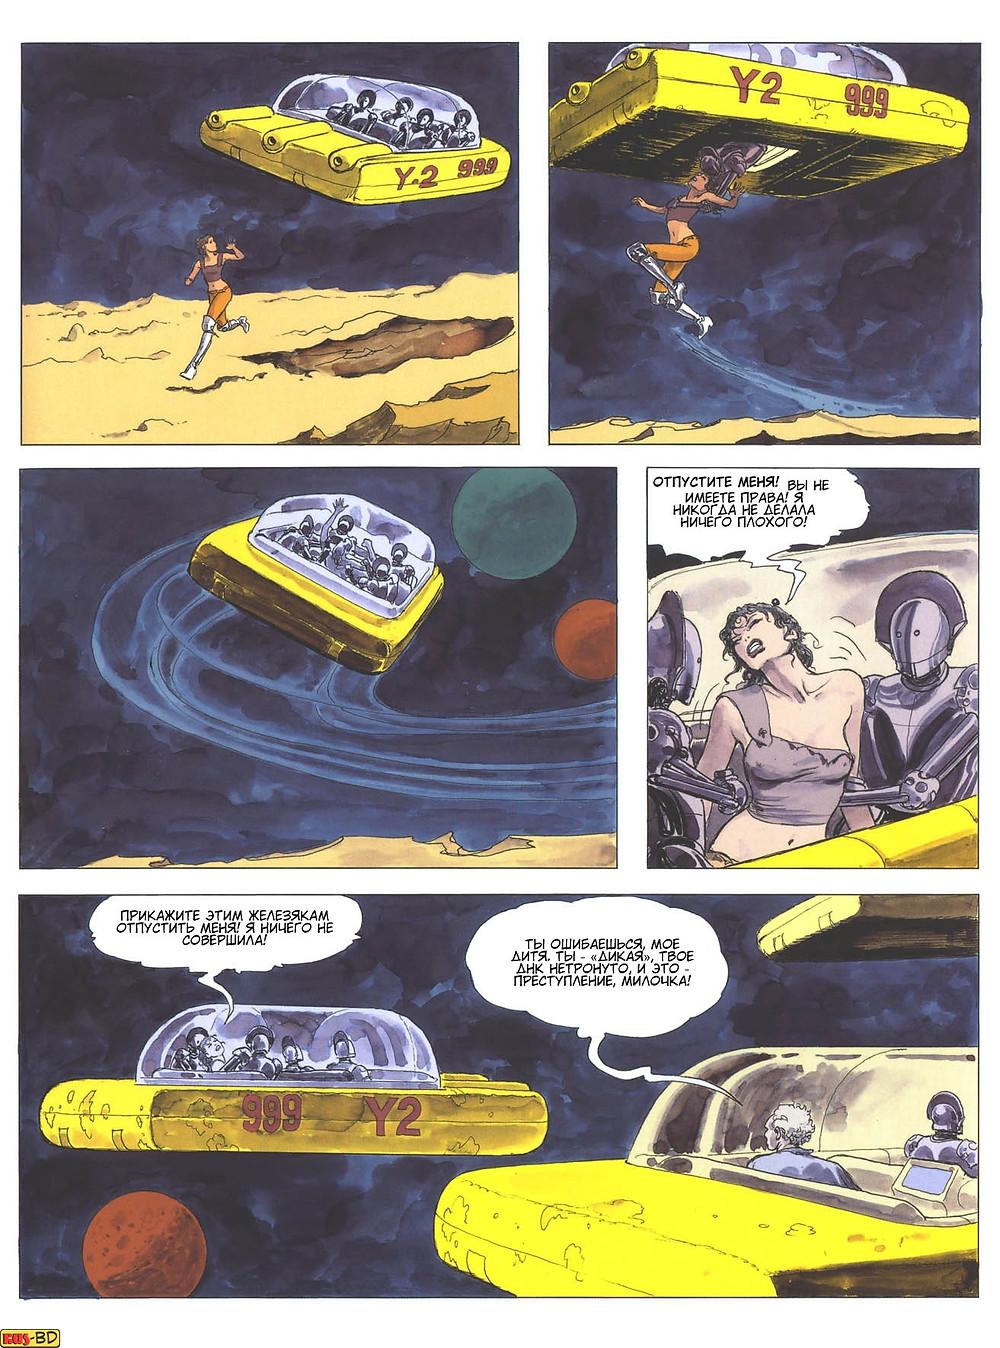 Эротический комикс на русском. Мило Манара. Пиранезе - планета тюрьма. Страница 28